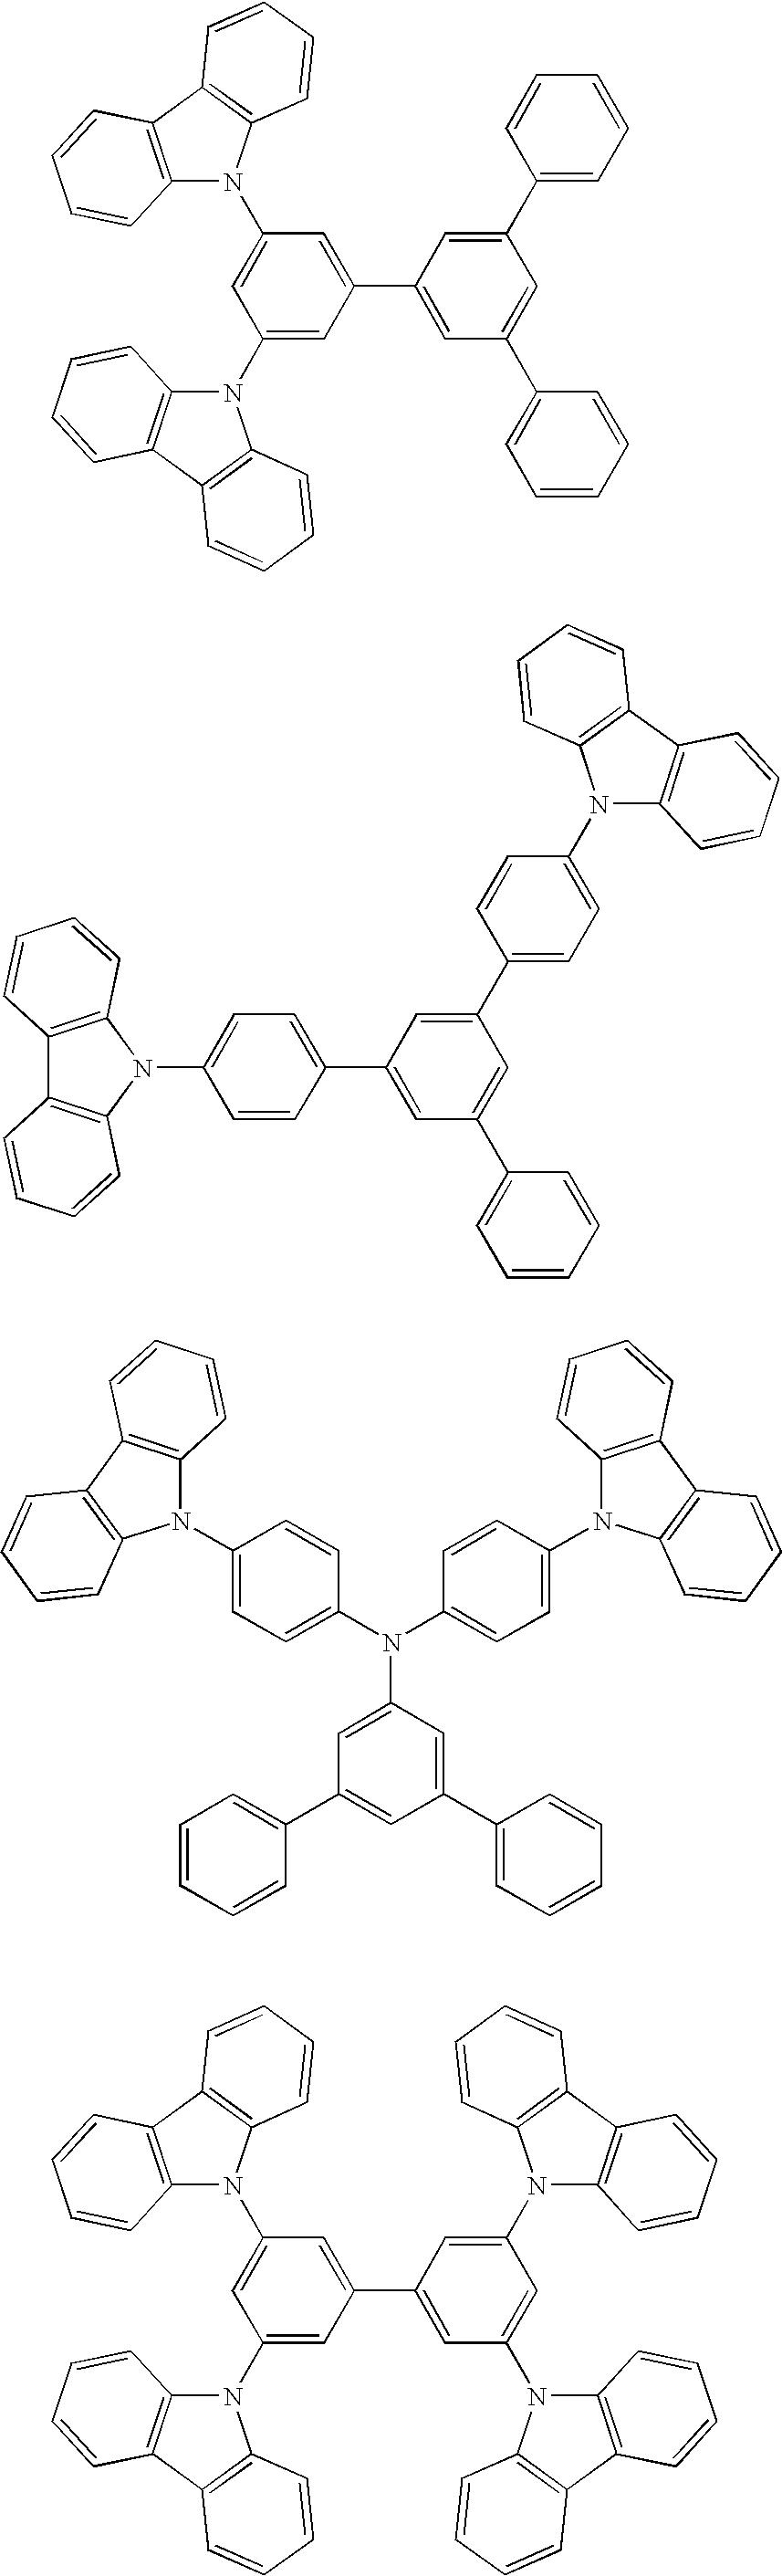 Figure US20070069638A1-20070329-C00007